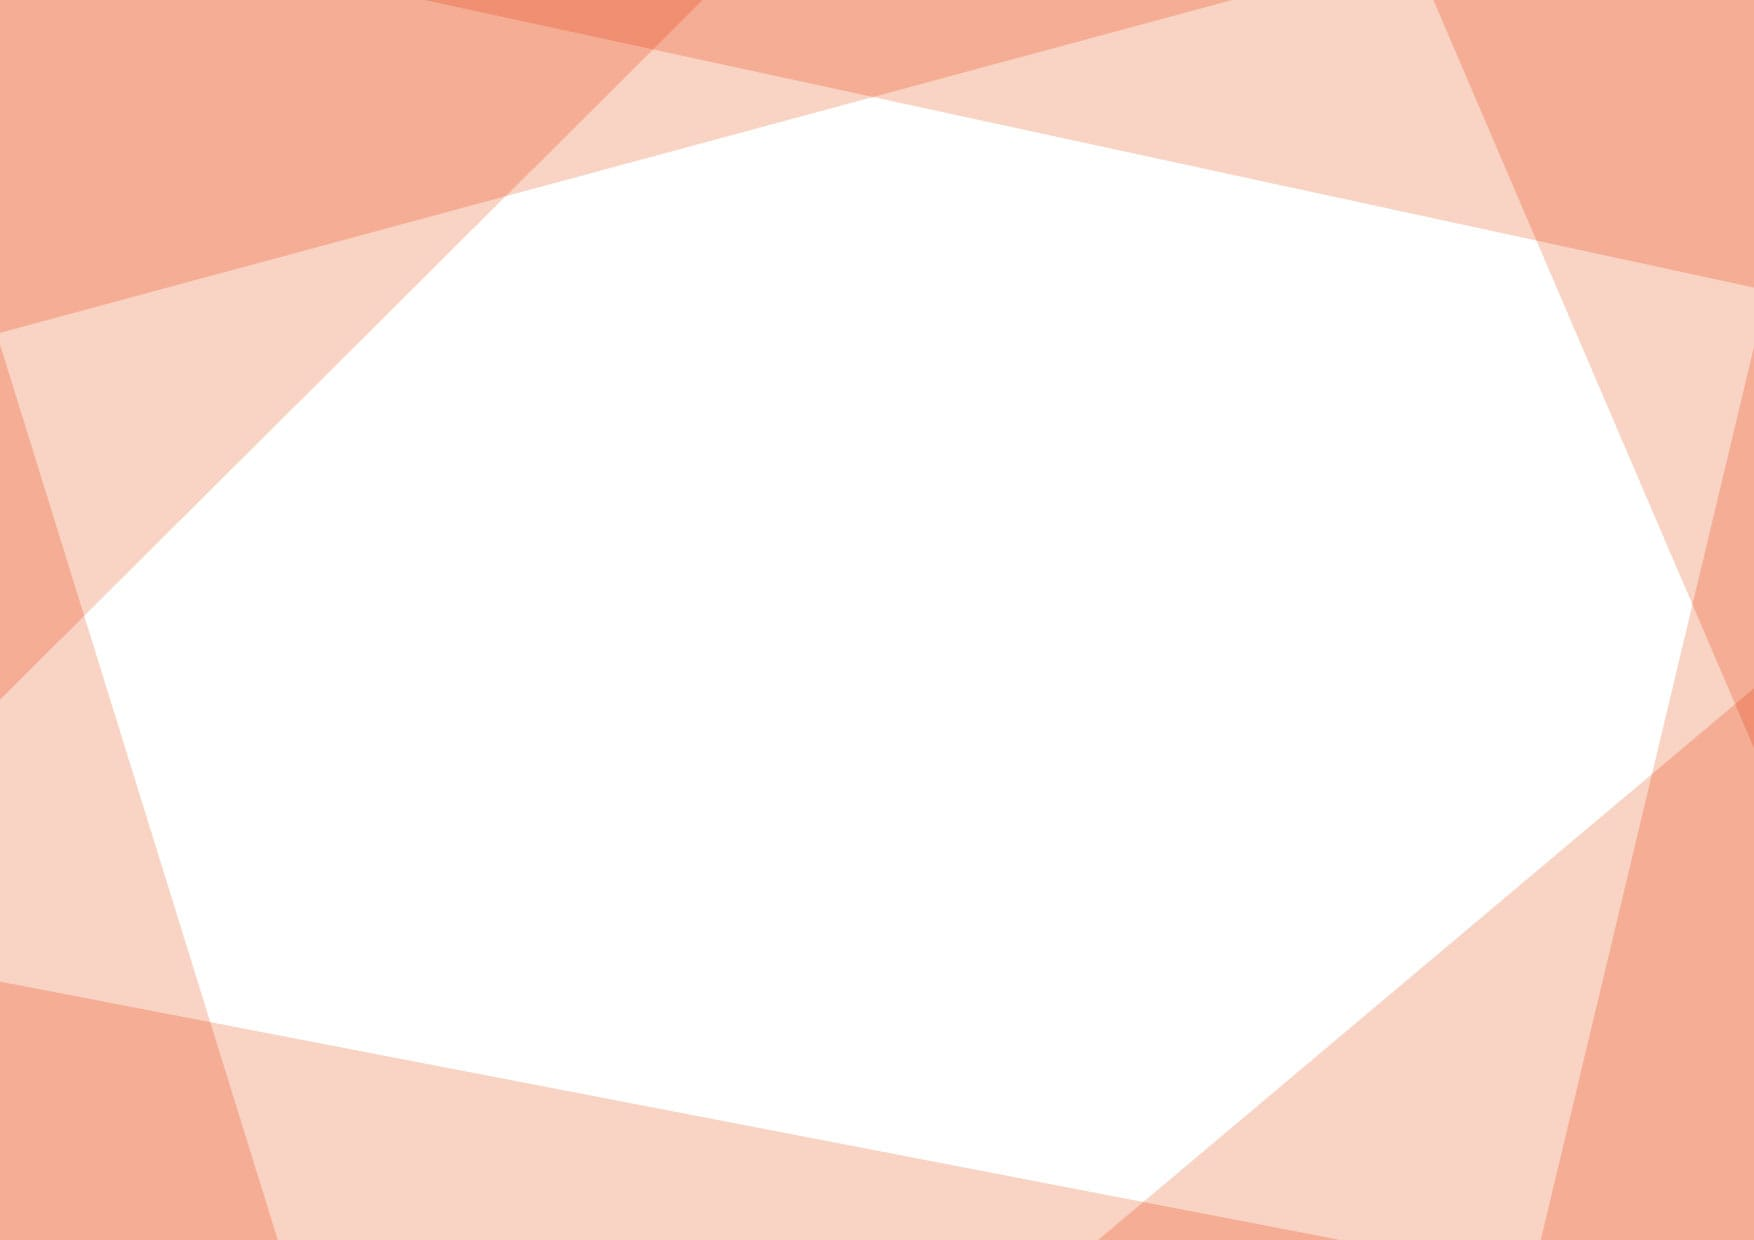 背景 シンプル フレーム 赤色 イラスト 無料